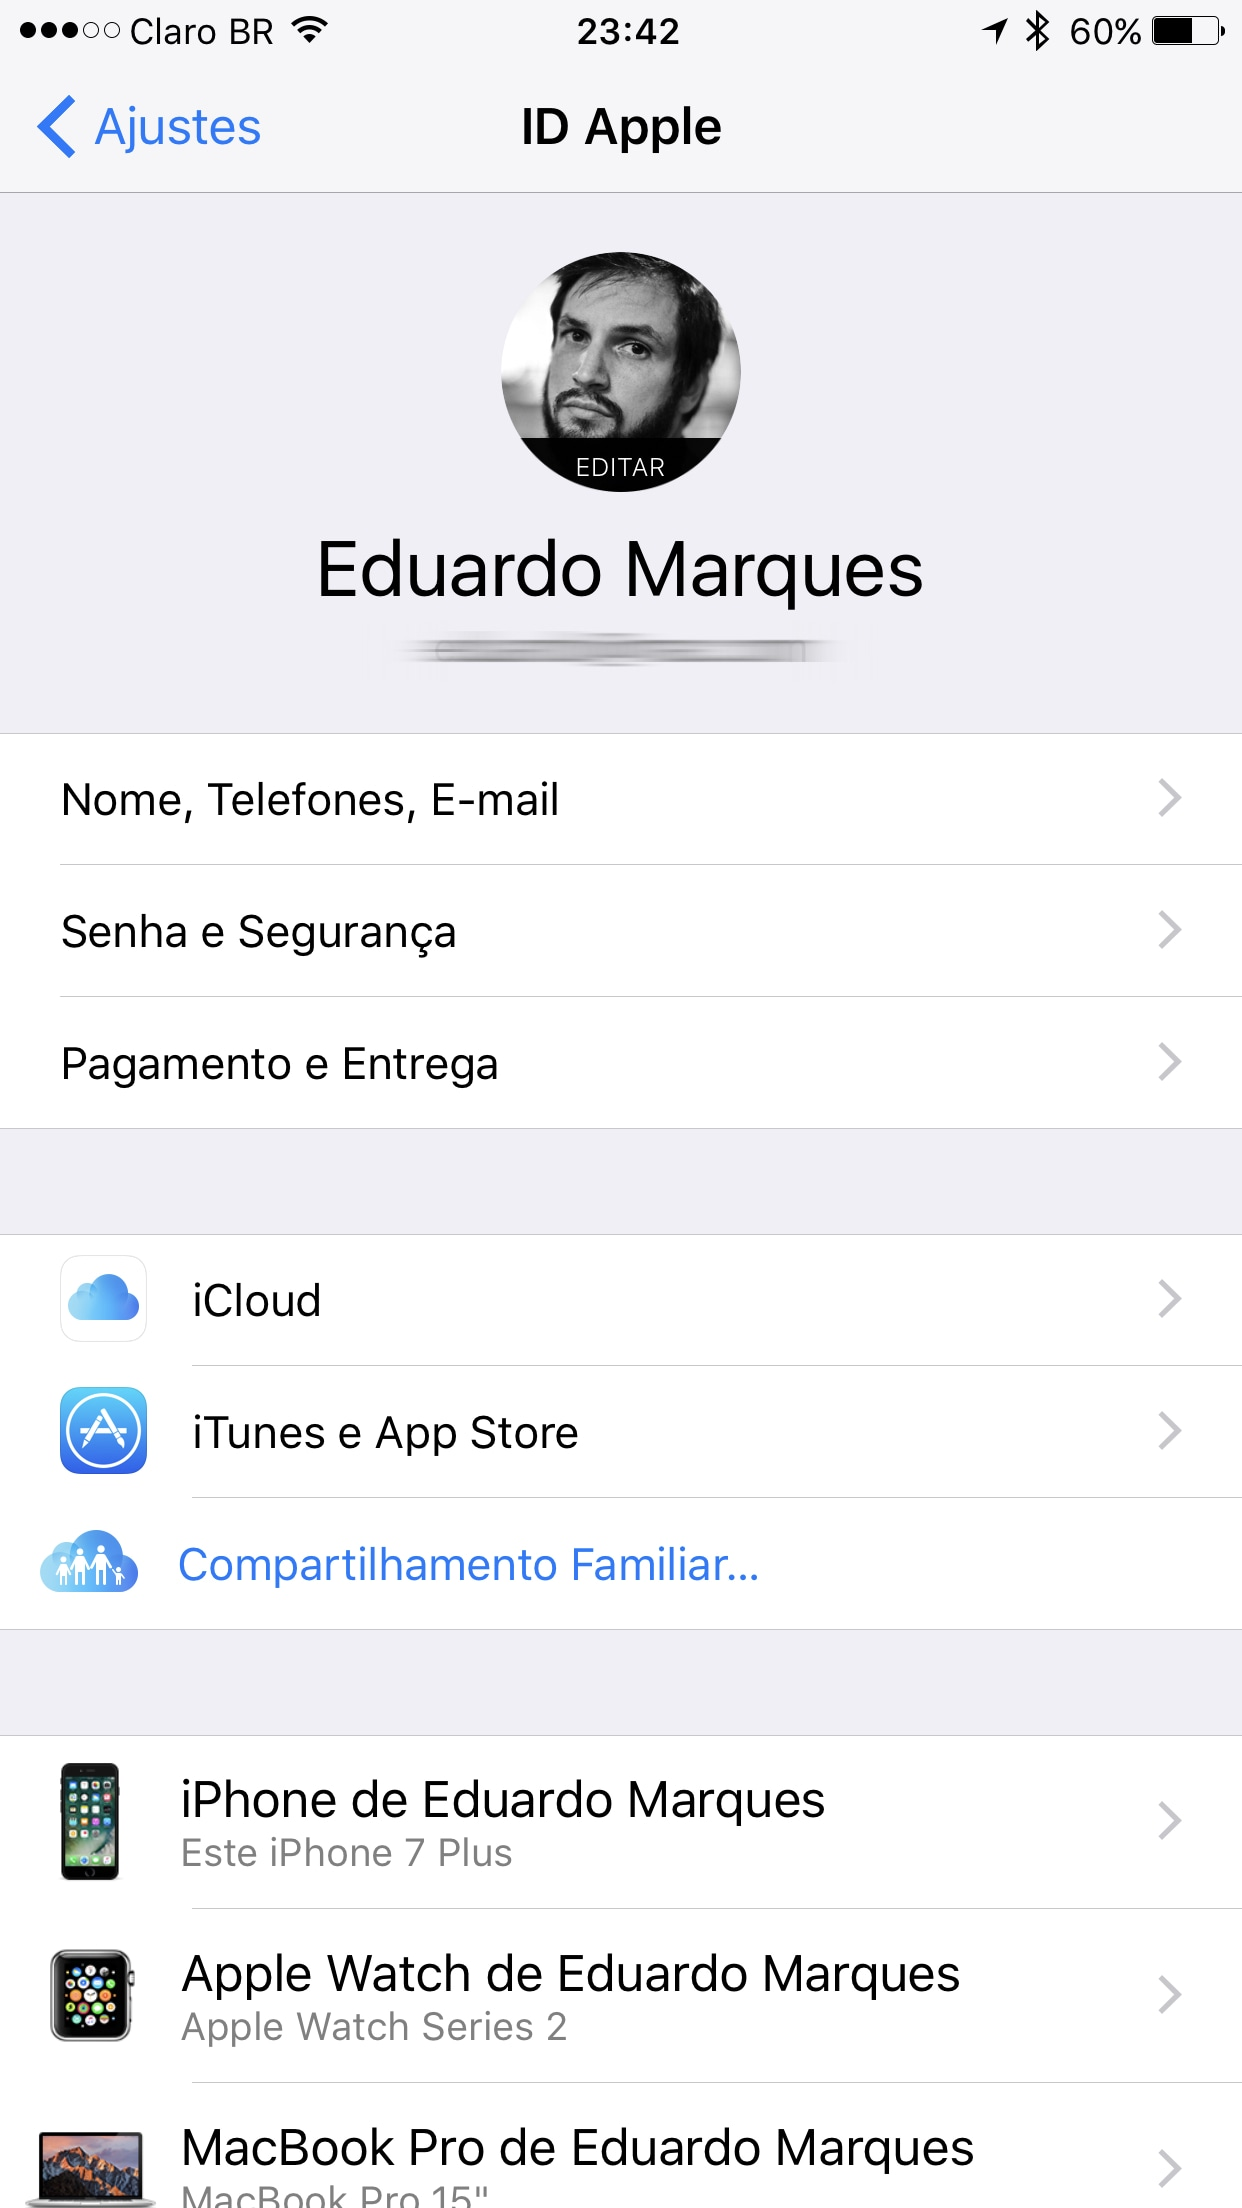 Área do iCloud - Ajustes do iOS